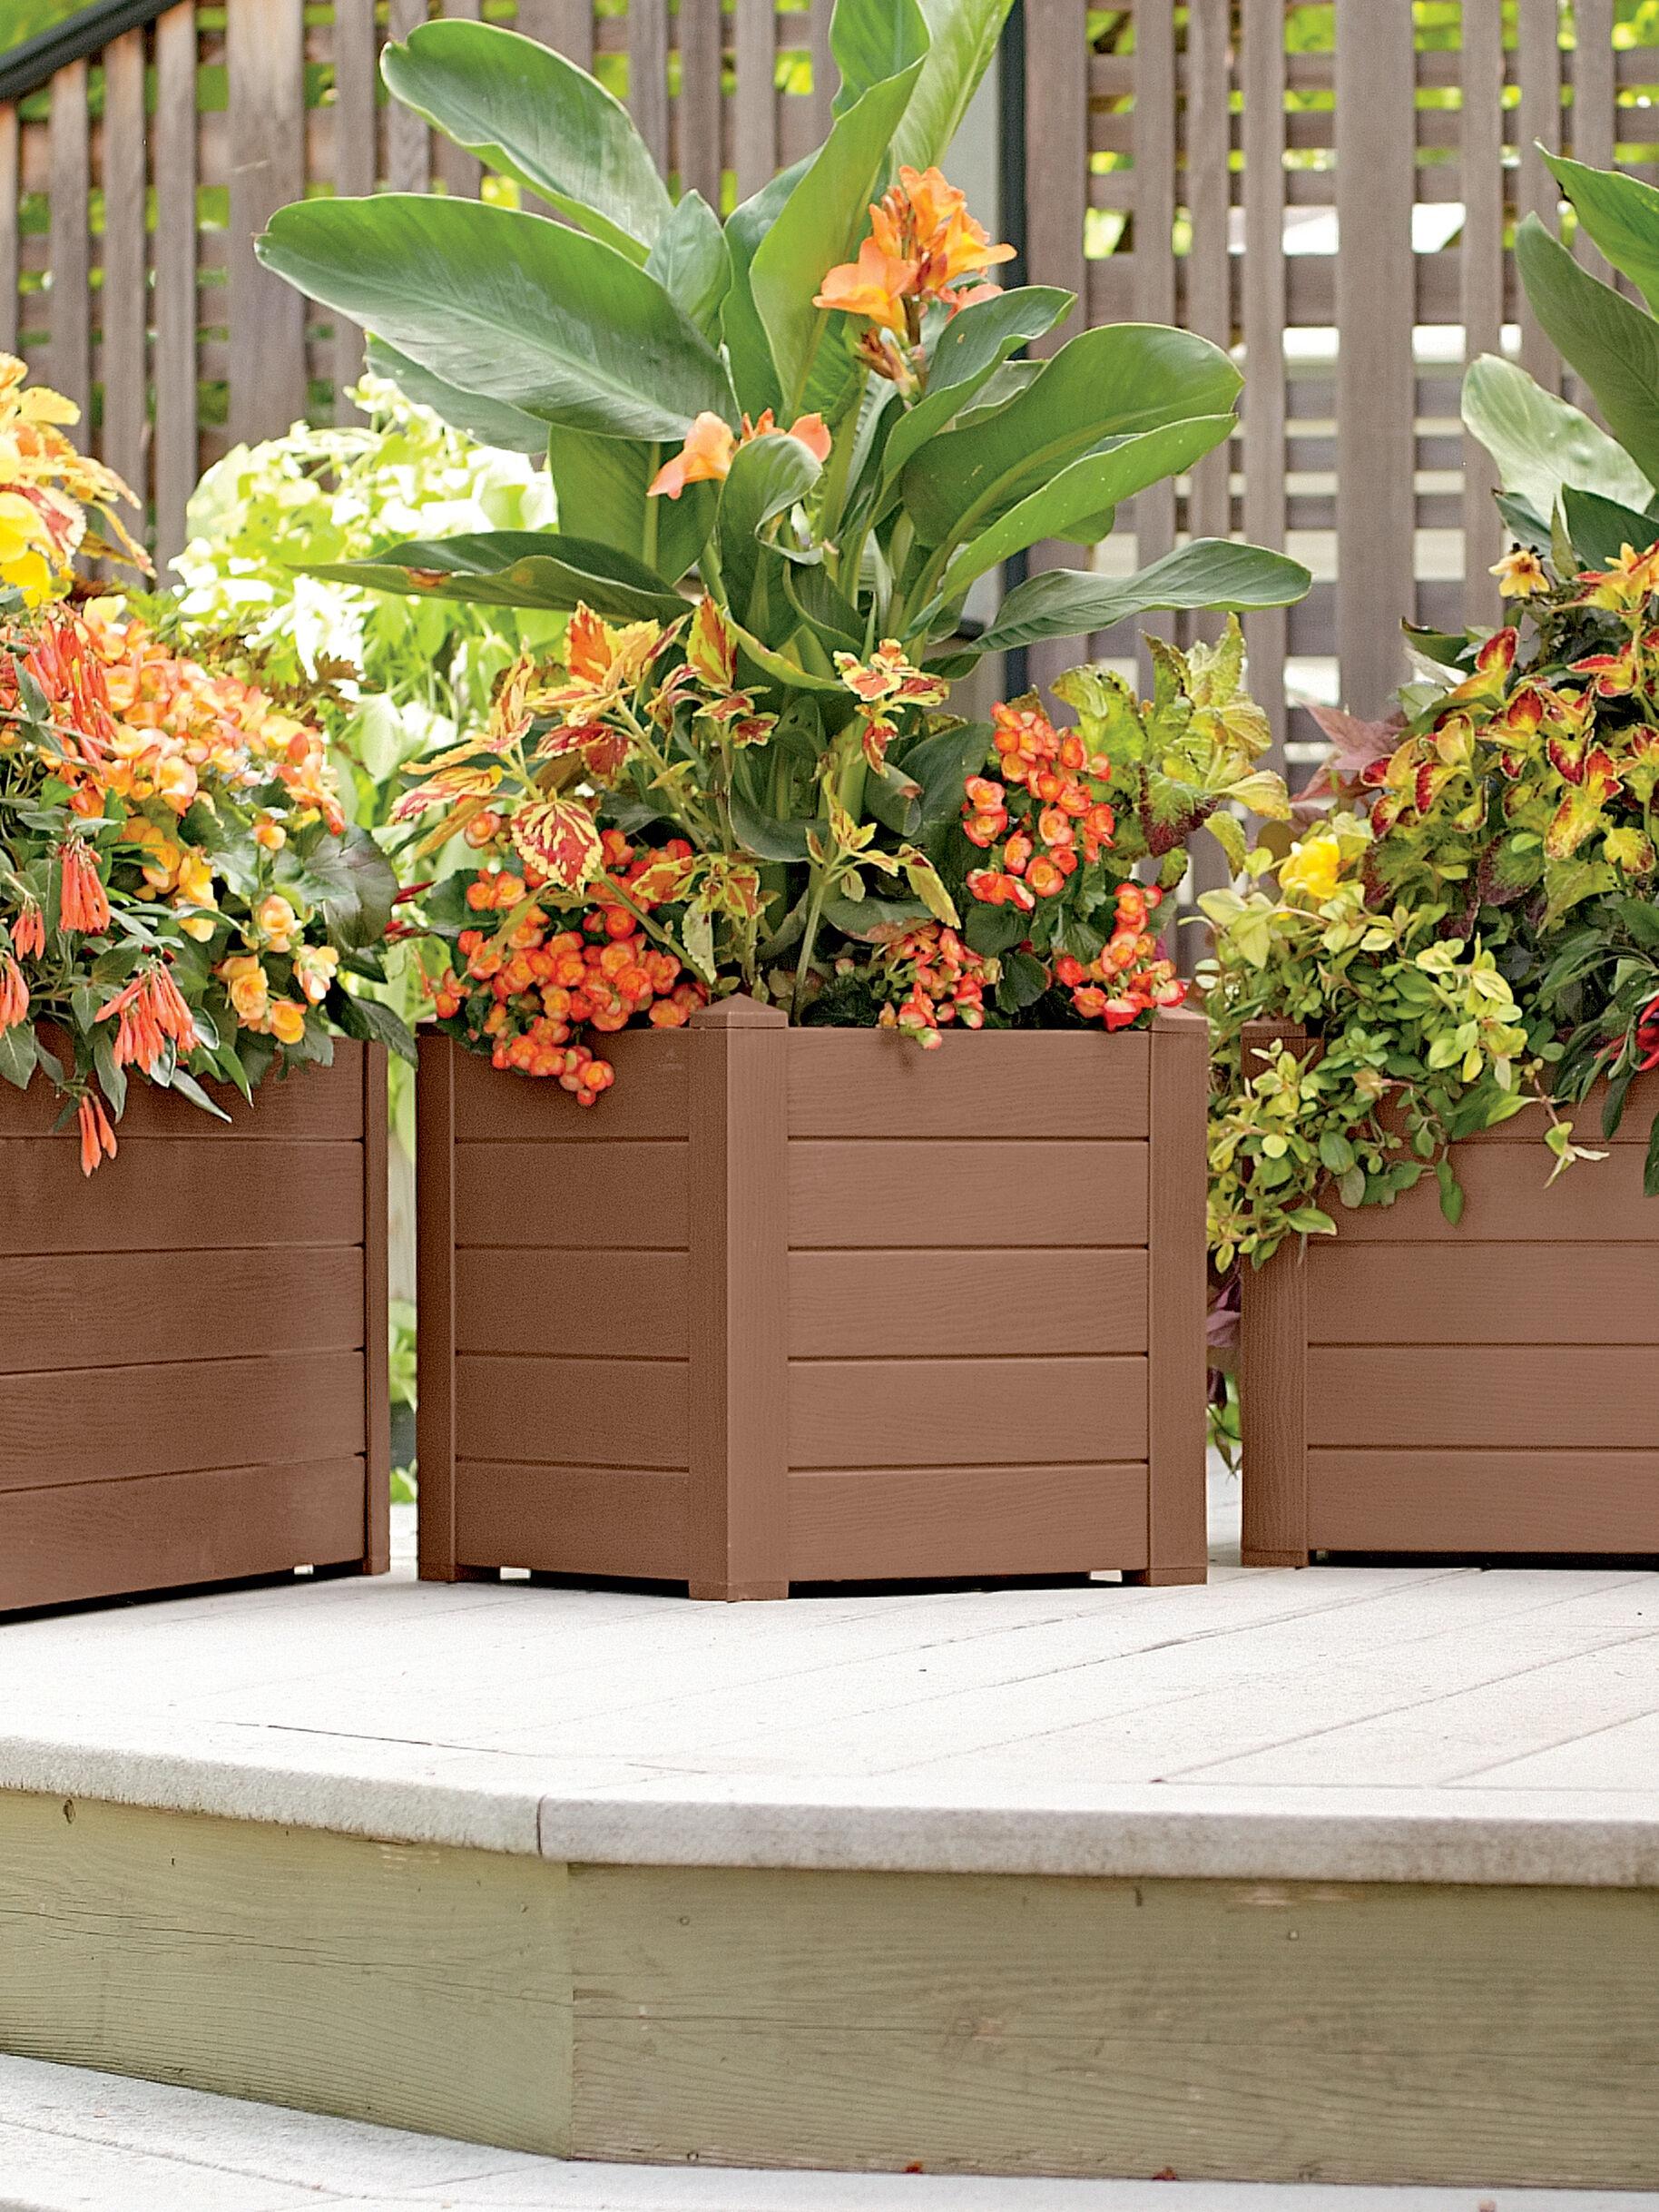 Patio Planters Amp Container Gardens Gardeners Com